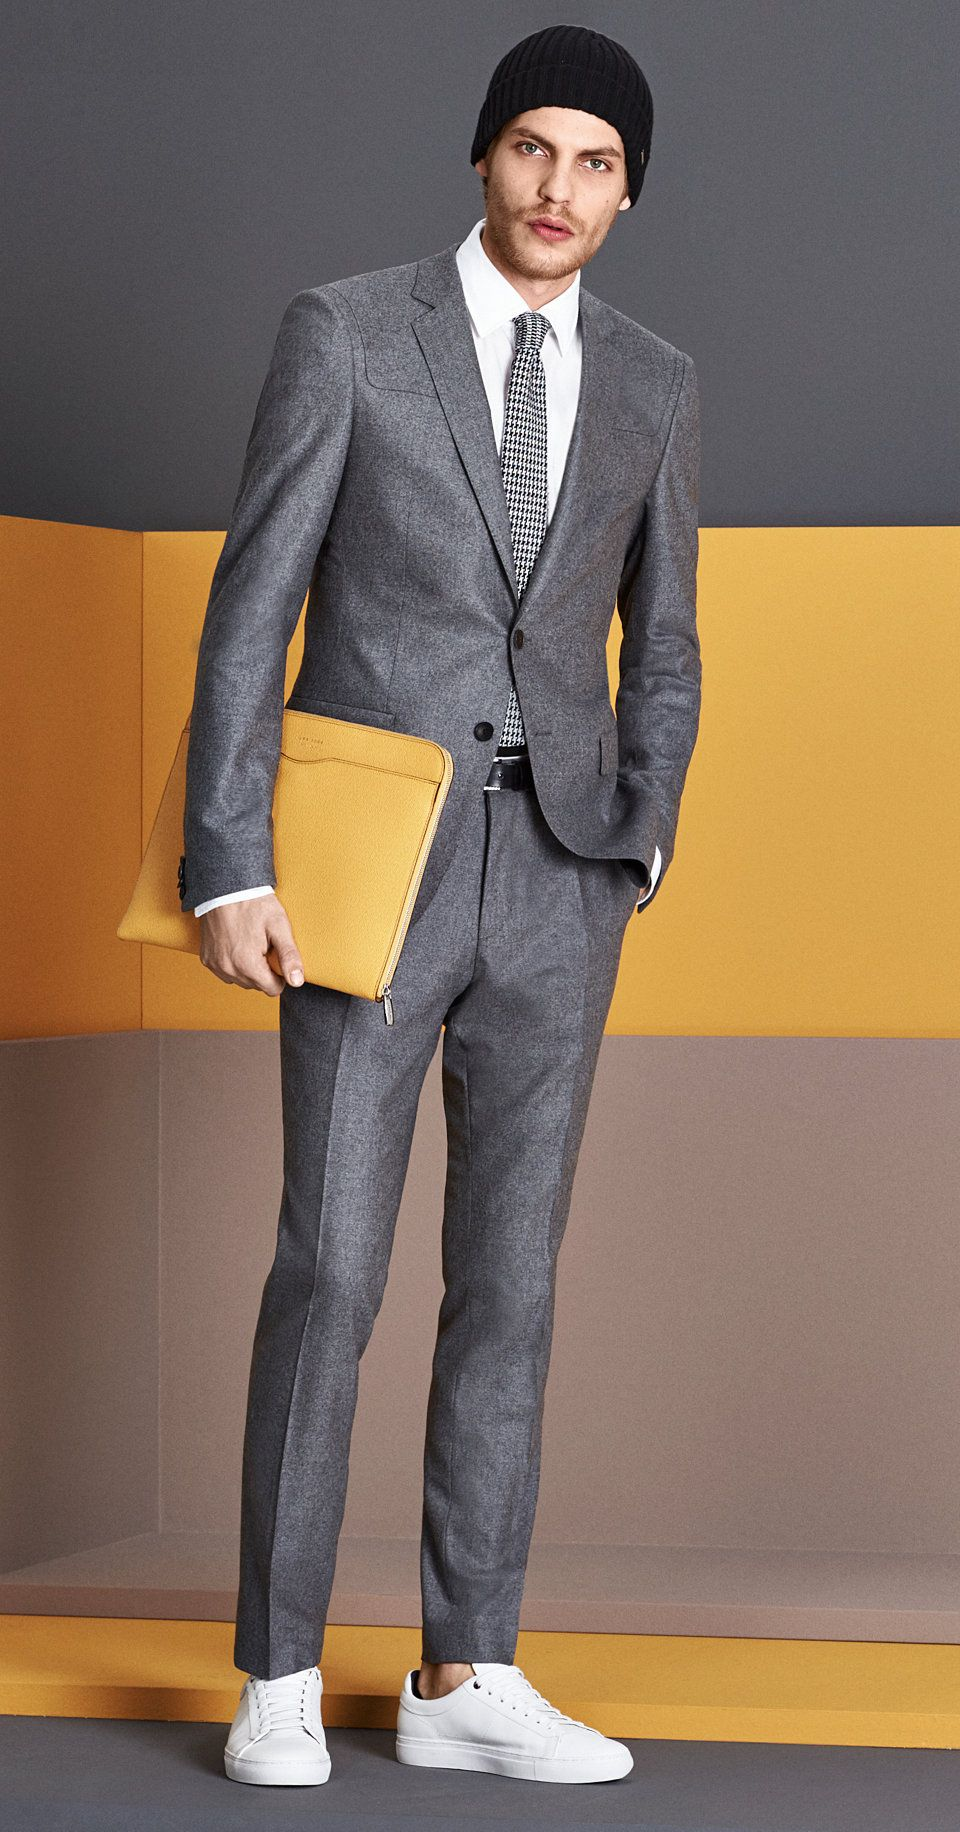 c1d37b3f510 Veste de costume grise